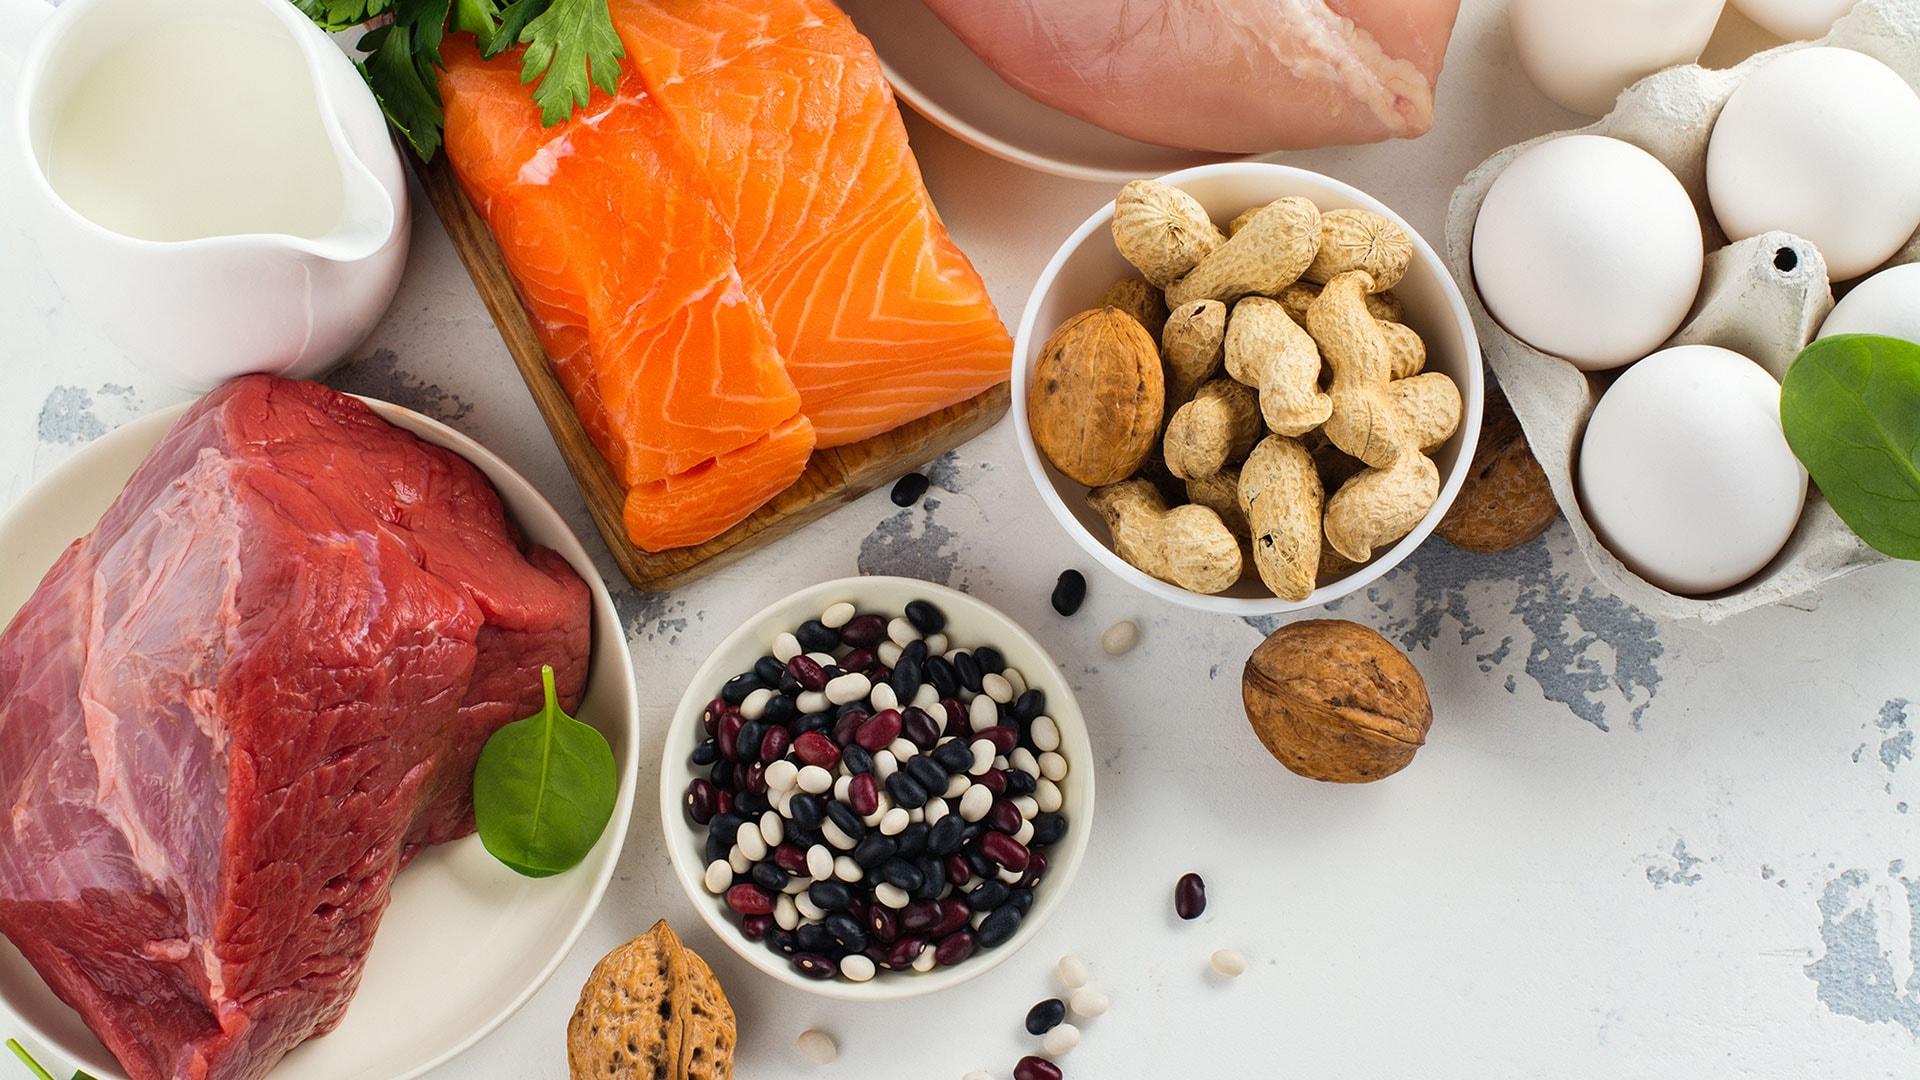 Thịt, cá, tôm, trứng, sữa chứa nguồn protein đa dạng